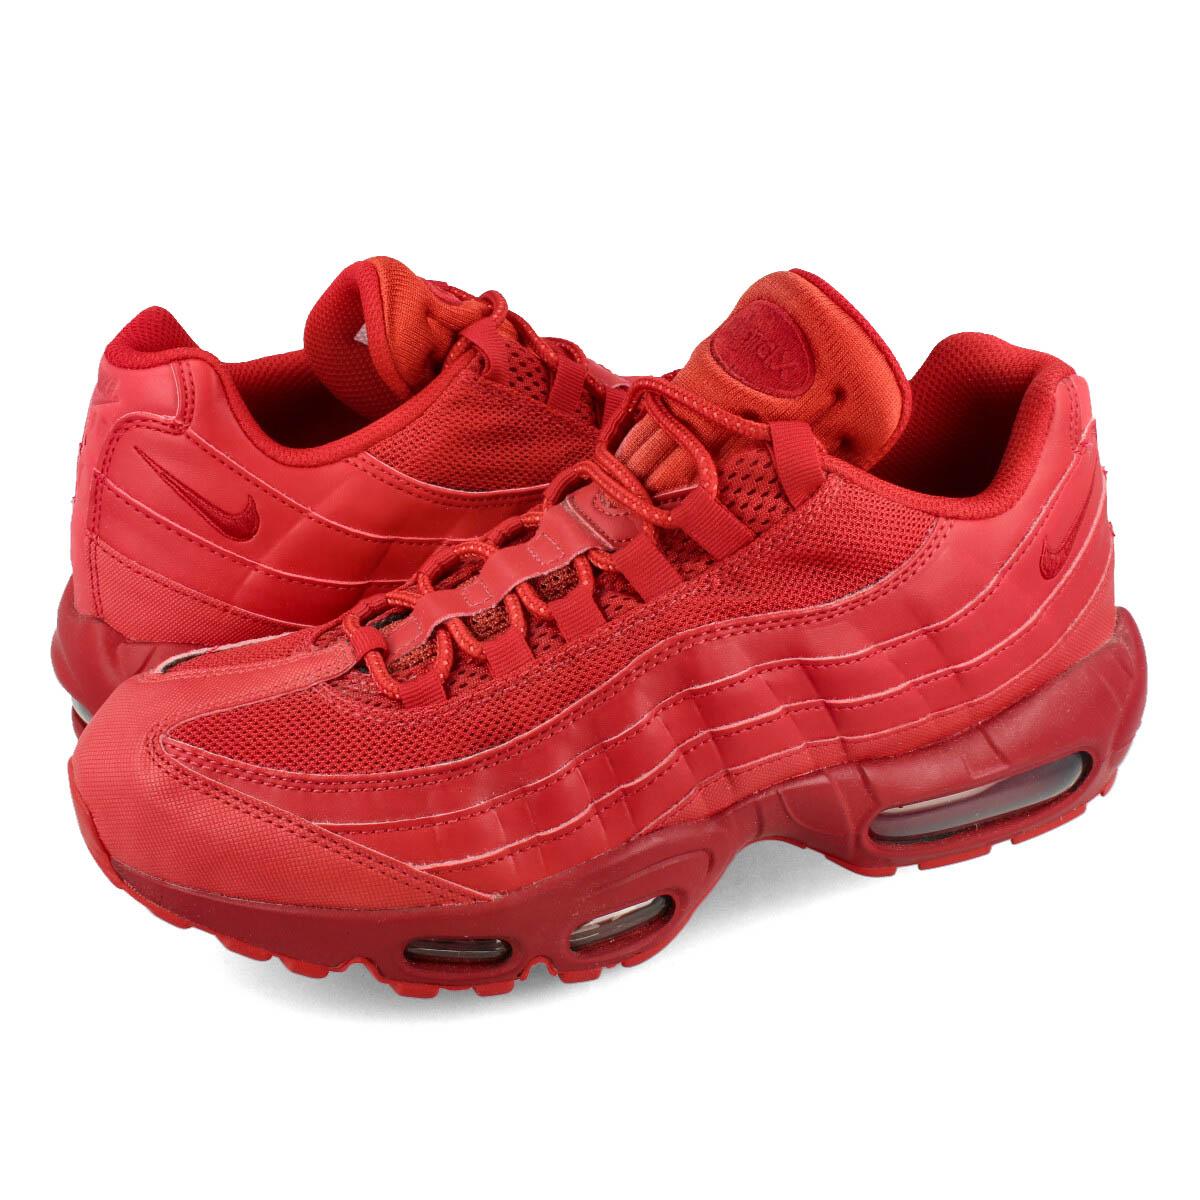 【ビッグ・スモールサイズ】 NIKE AIR MAX 95 ナイキ エア マックス 95 VARSITY RED/VARSITY RED cq9969-600